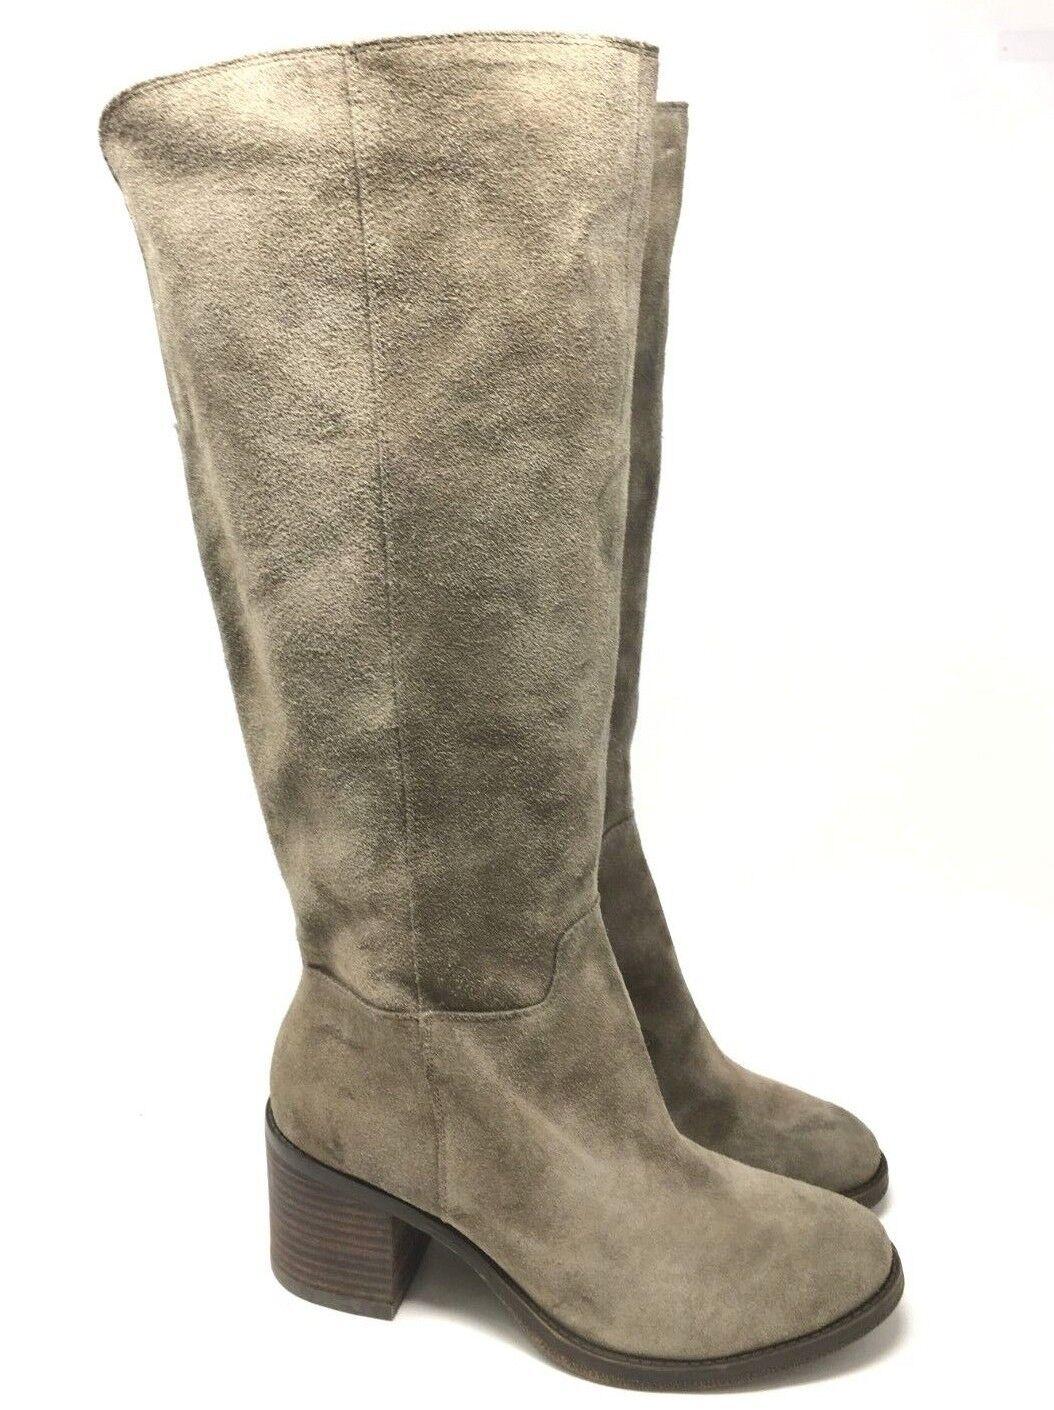 Nuevo Nuevo Nuevo Suerte Ritten ante Color Topo Alto Equitación botas de Piel Número  7.5  ahorra hasta un 80%